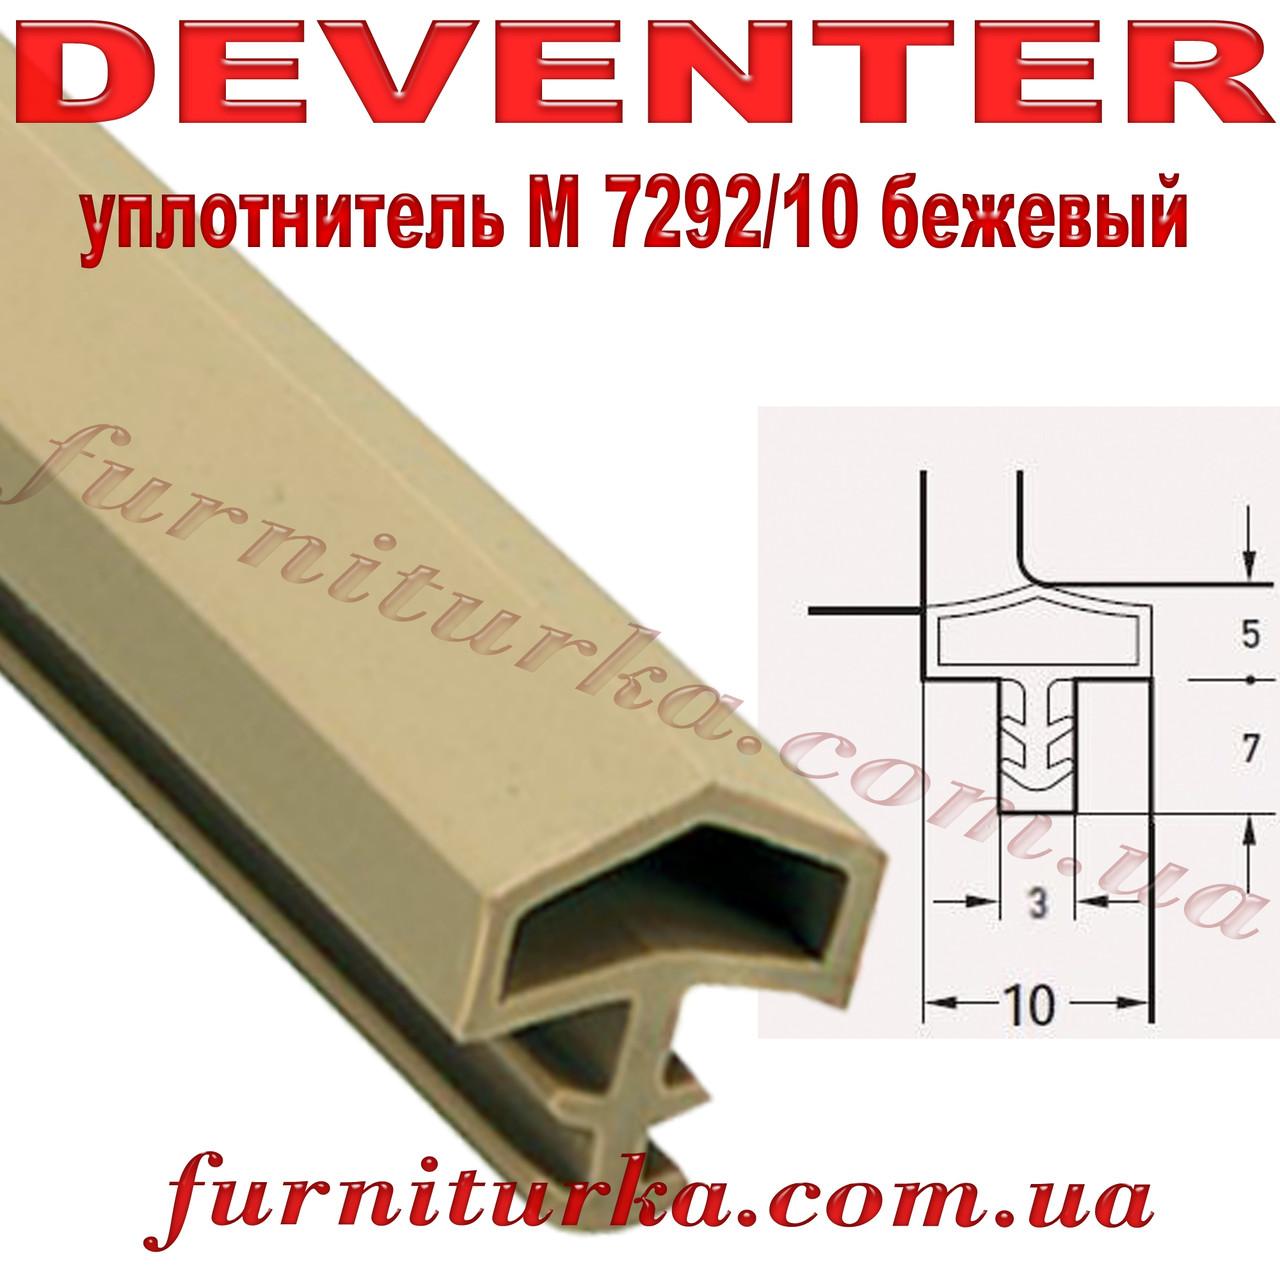 Уплотнитель дверной Deventer M7292/10 бежевый